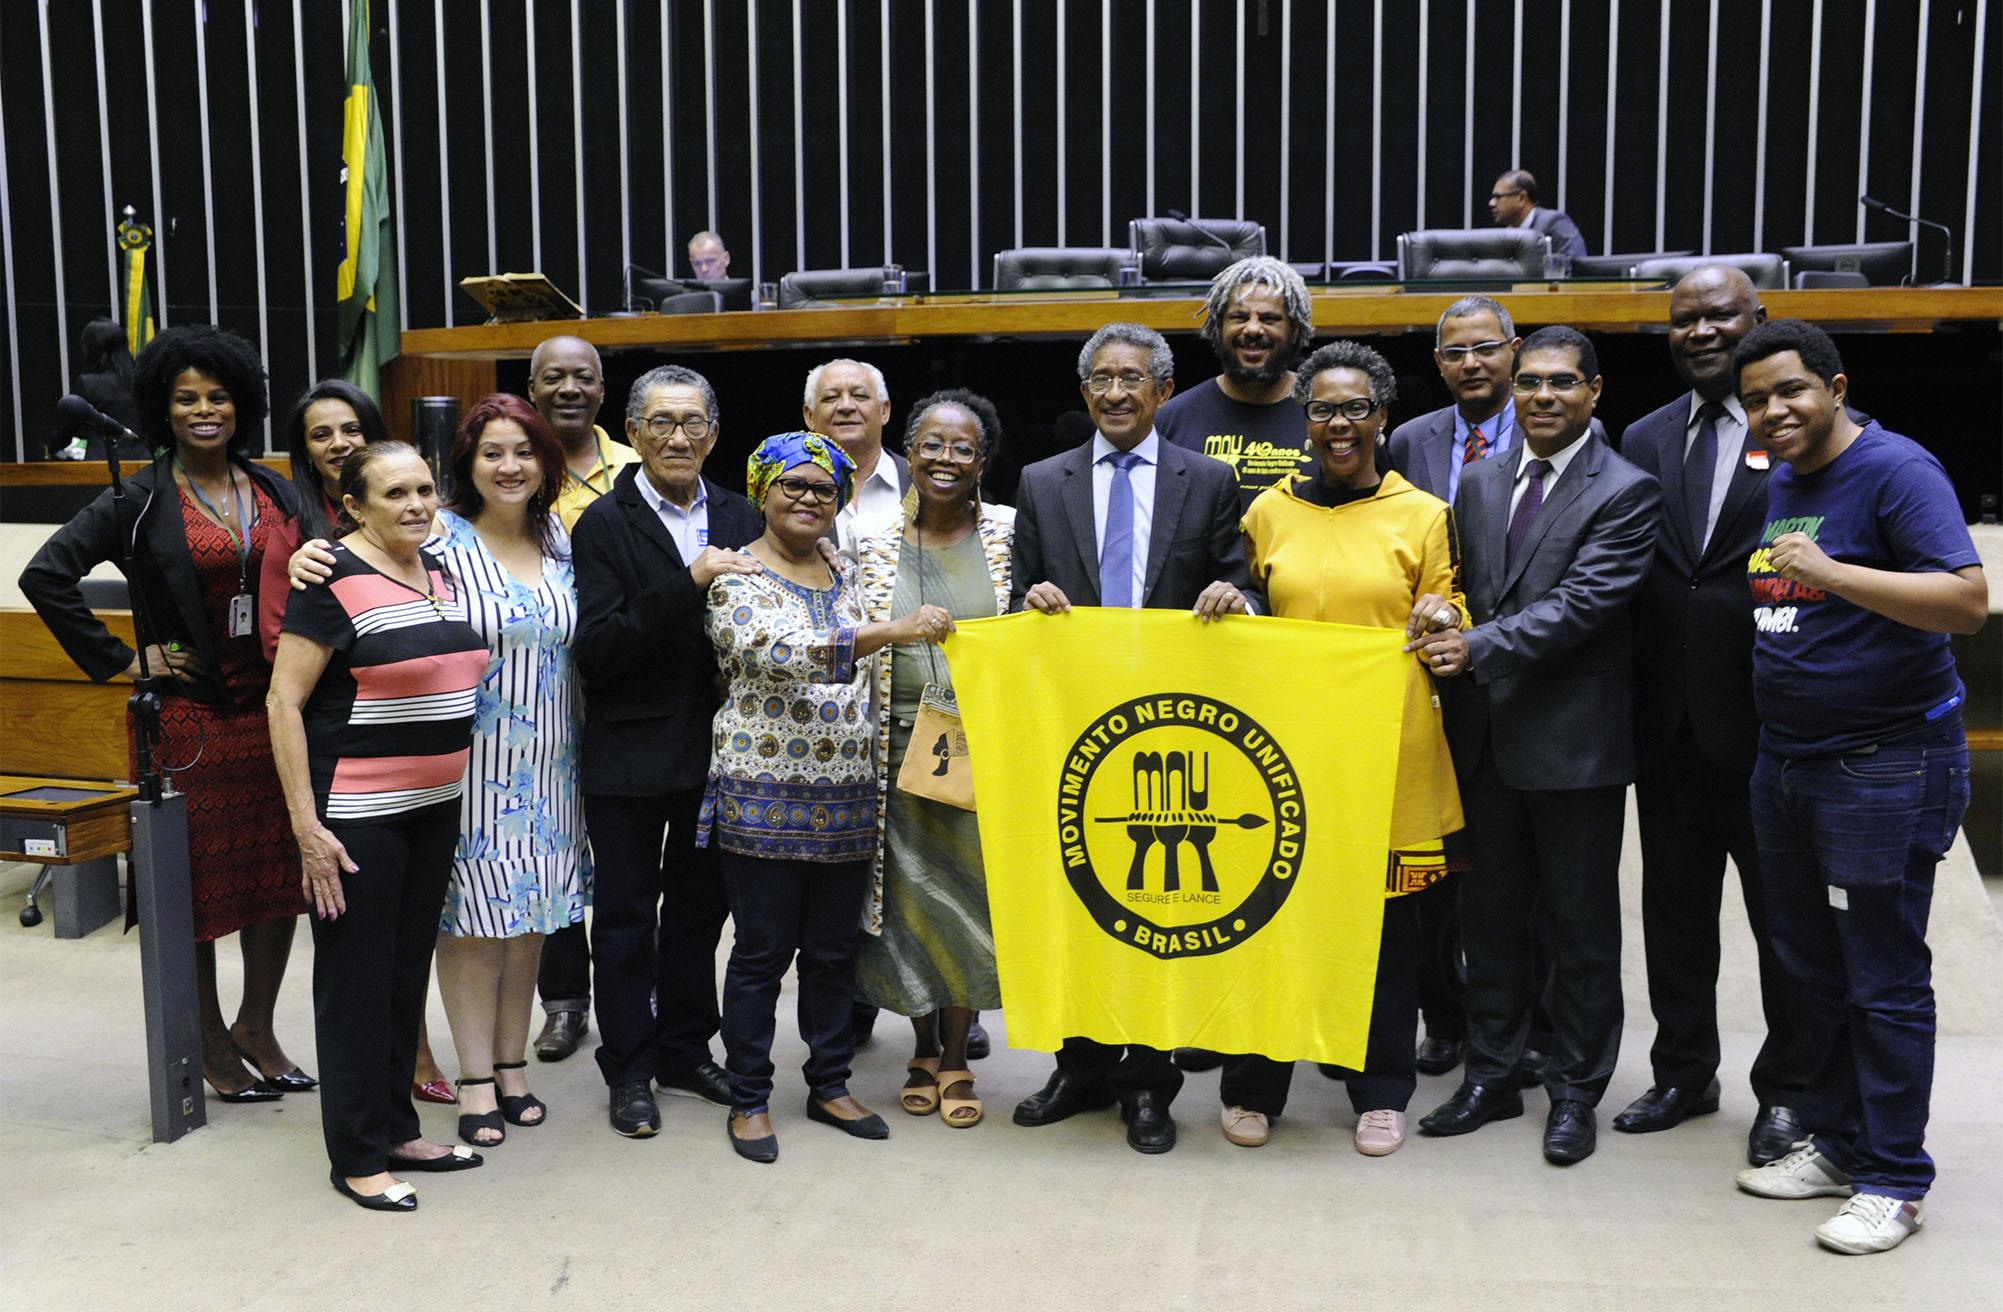 Homenagem aos Quarenta Anos do Movimento Negro Unificado - MNU